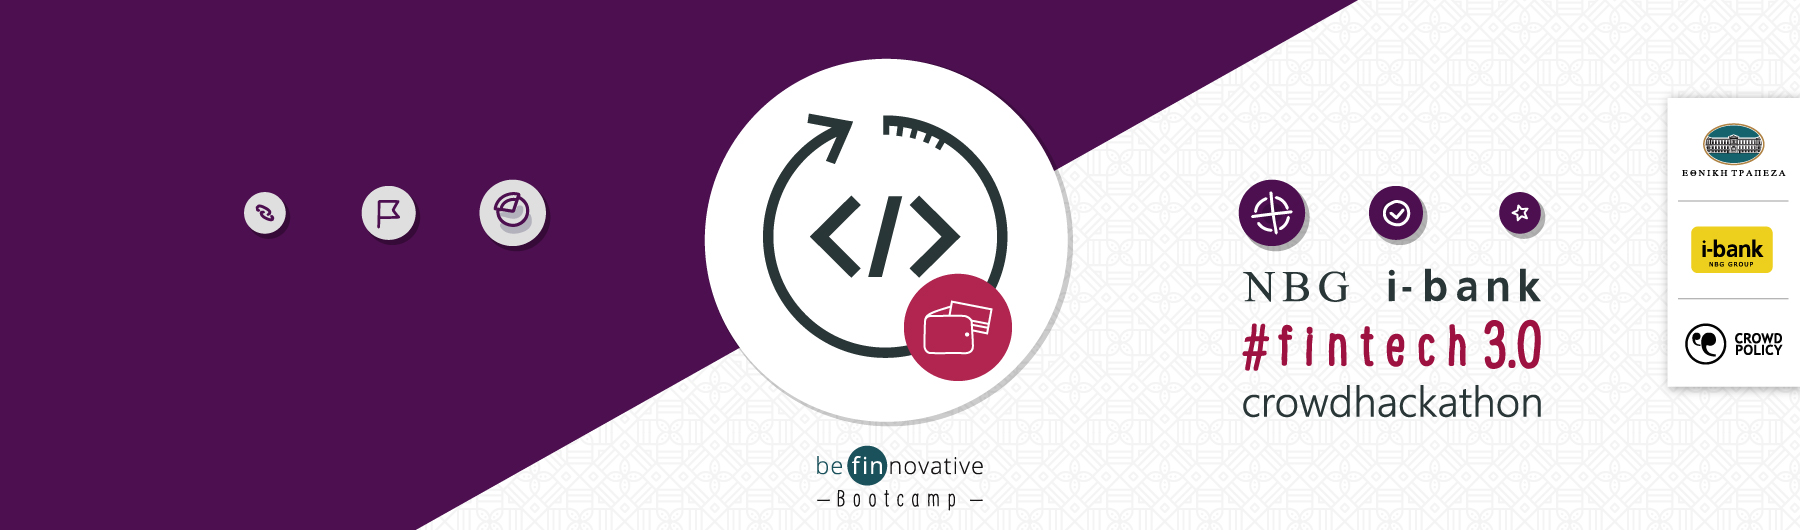 i-bank NBG #Fintech 3.0 Crowdhackathon